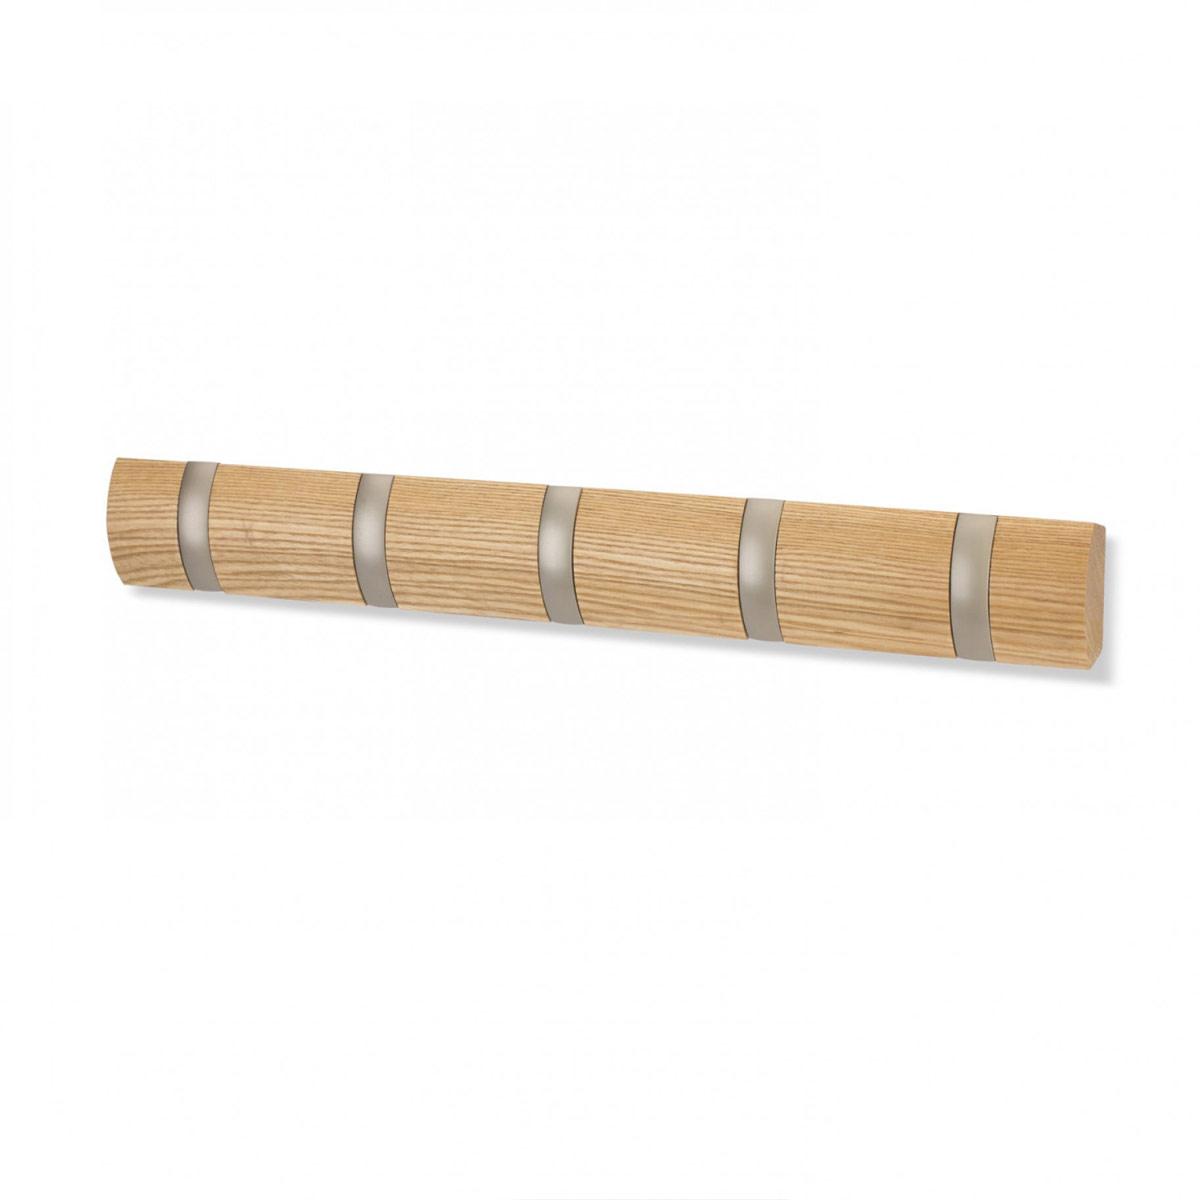 Вешалка настенная Umbra Flip, цвет: бежевый, 5 крючков1004900000360Стильная и прочная вешалка Umbra Flip интересной формы и оригинального дизайна изготовлена из дерева. Имеет 5 откидных крючков из никеля: когда они не используются, то складываются, превращая конструкцию в абсолютно гладкую поверхность. Вешалка Umbra Flip идеально подходит для маленьких прихожих и ограниченных пространств. Каждый крючок выдерживает вес до 2,3 кг.